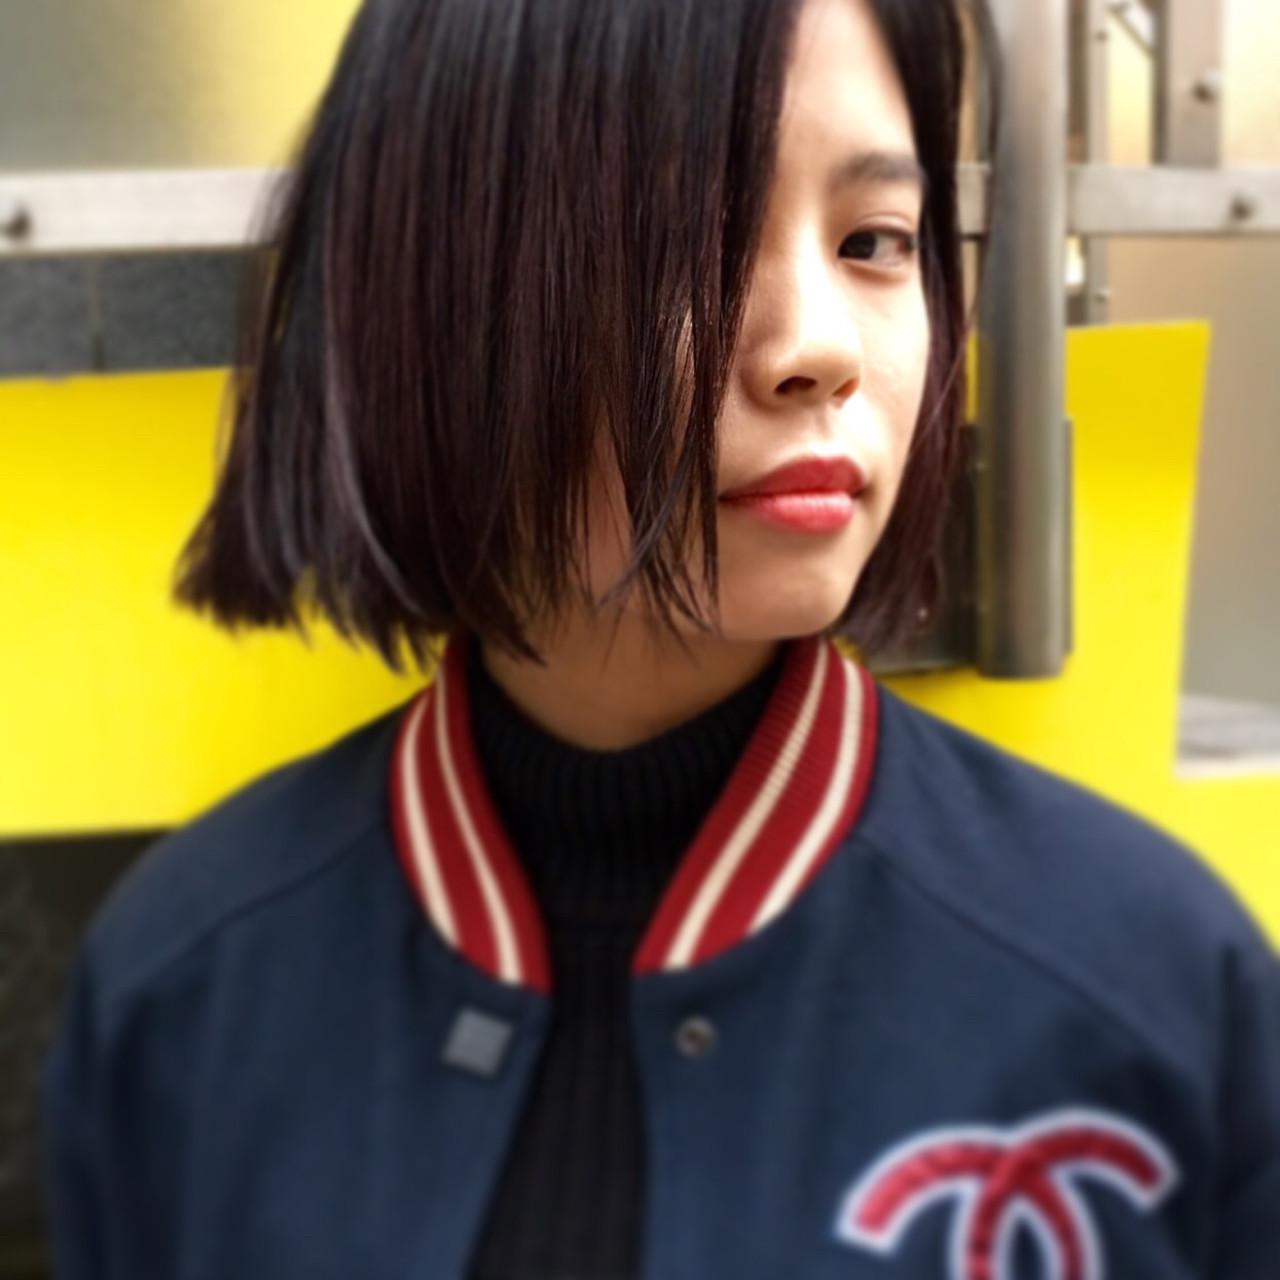 【黒髪】ストレートボブ4